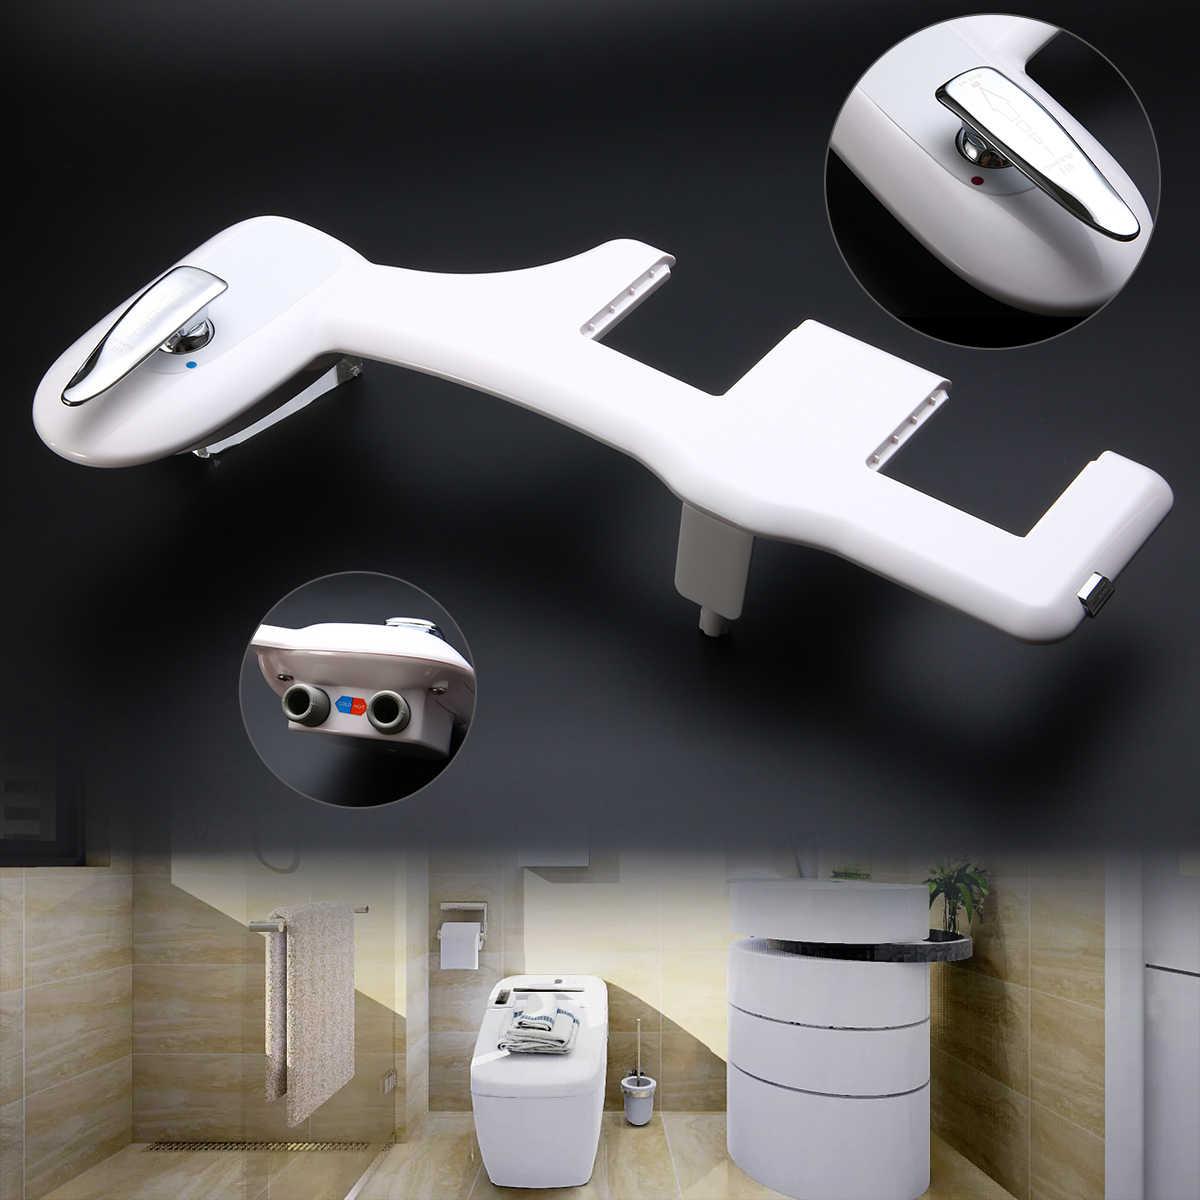 Неэлектрическая горячая и холодная вода биде, туалетное сиденье насадка Mayitr ванная пистолет для мойки самоочистка Noozle Горячая продажа